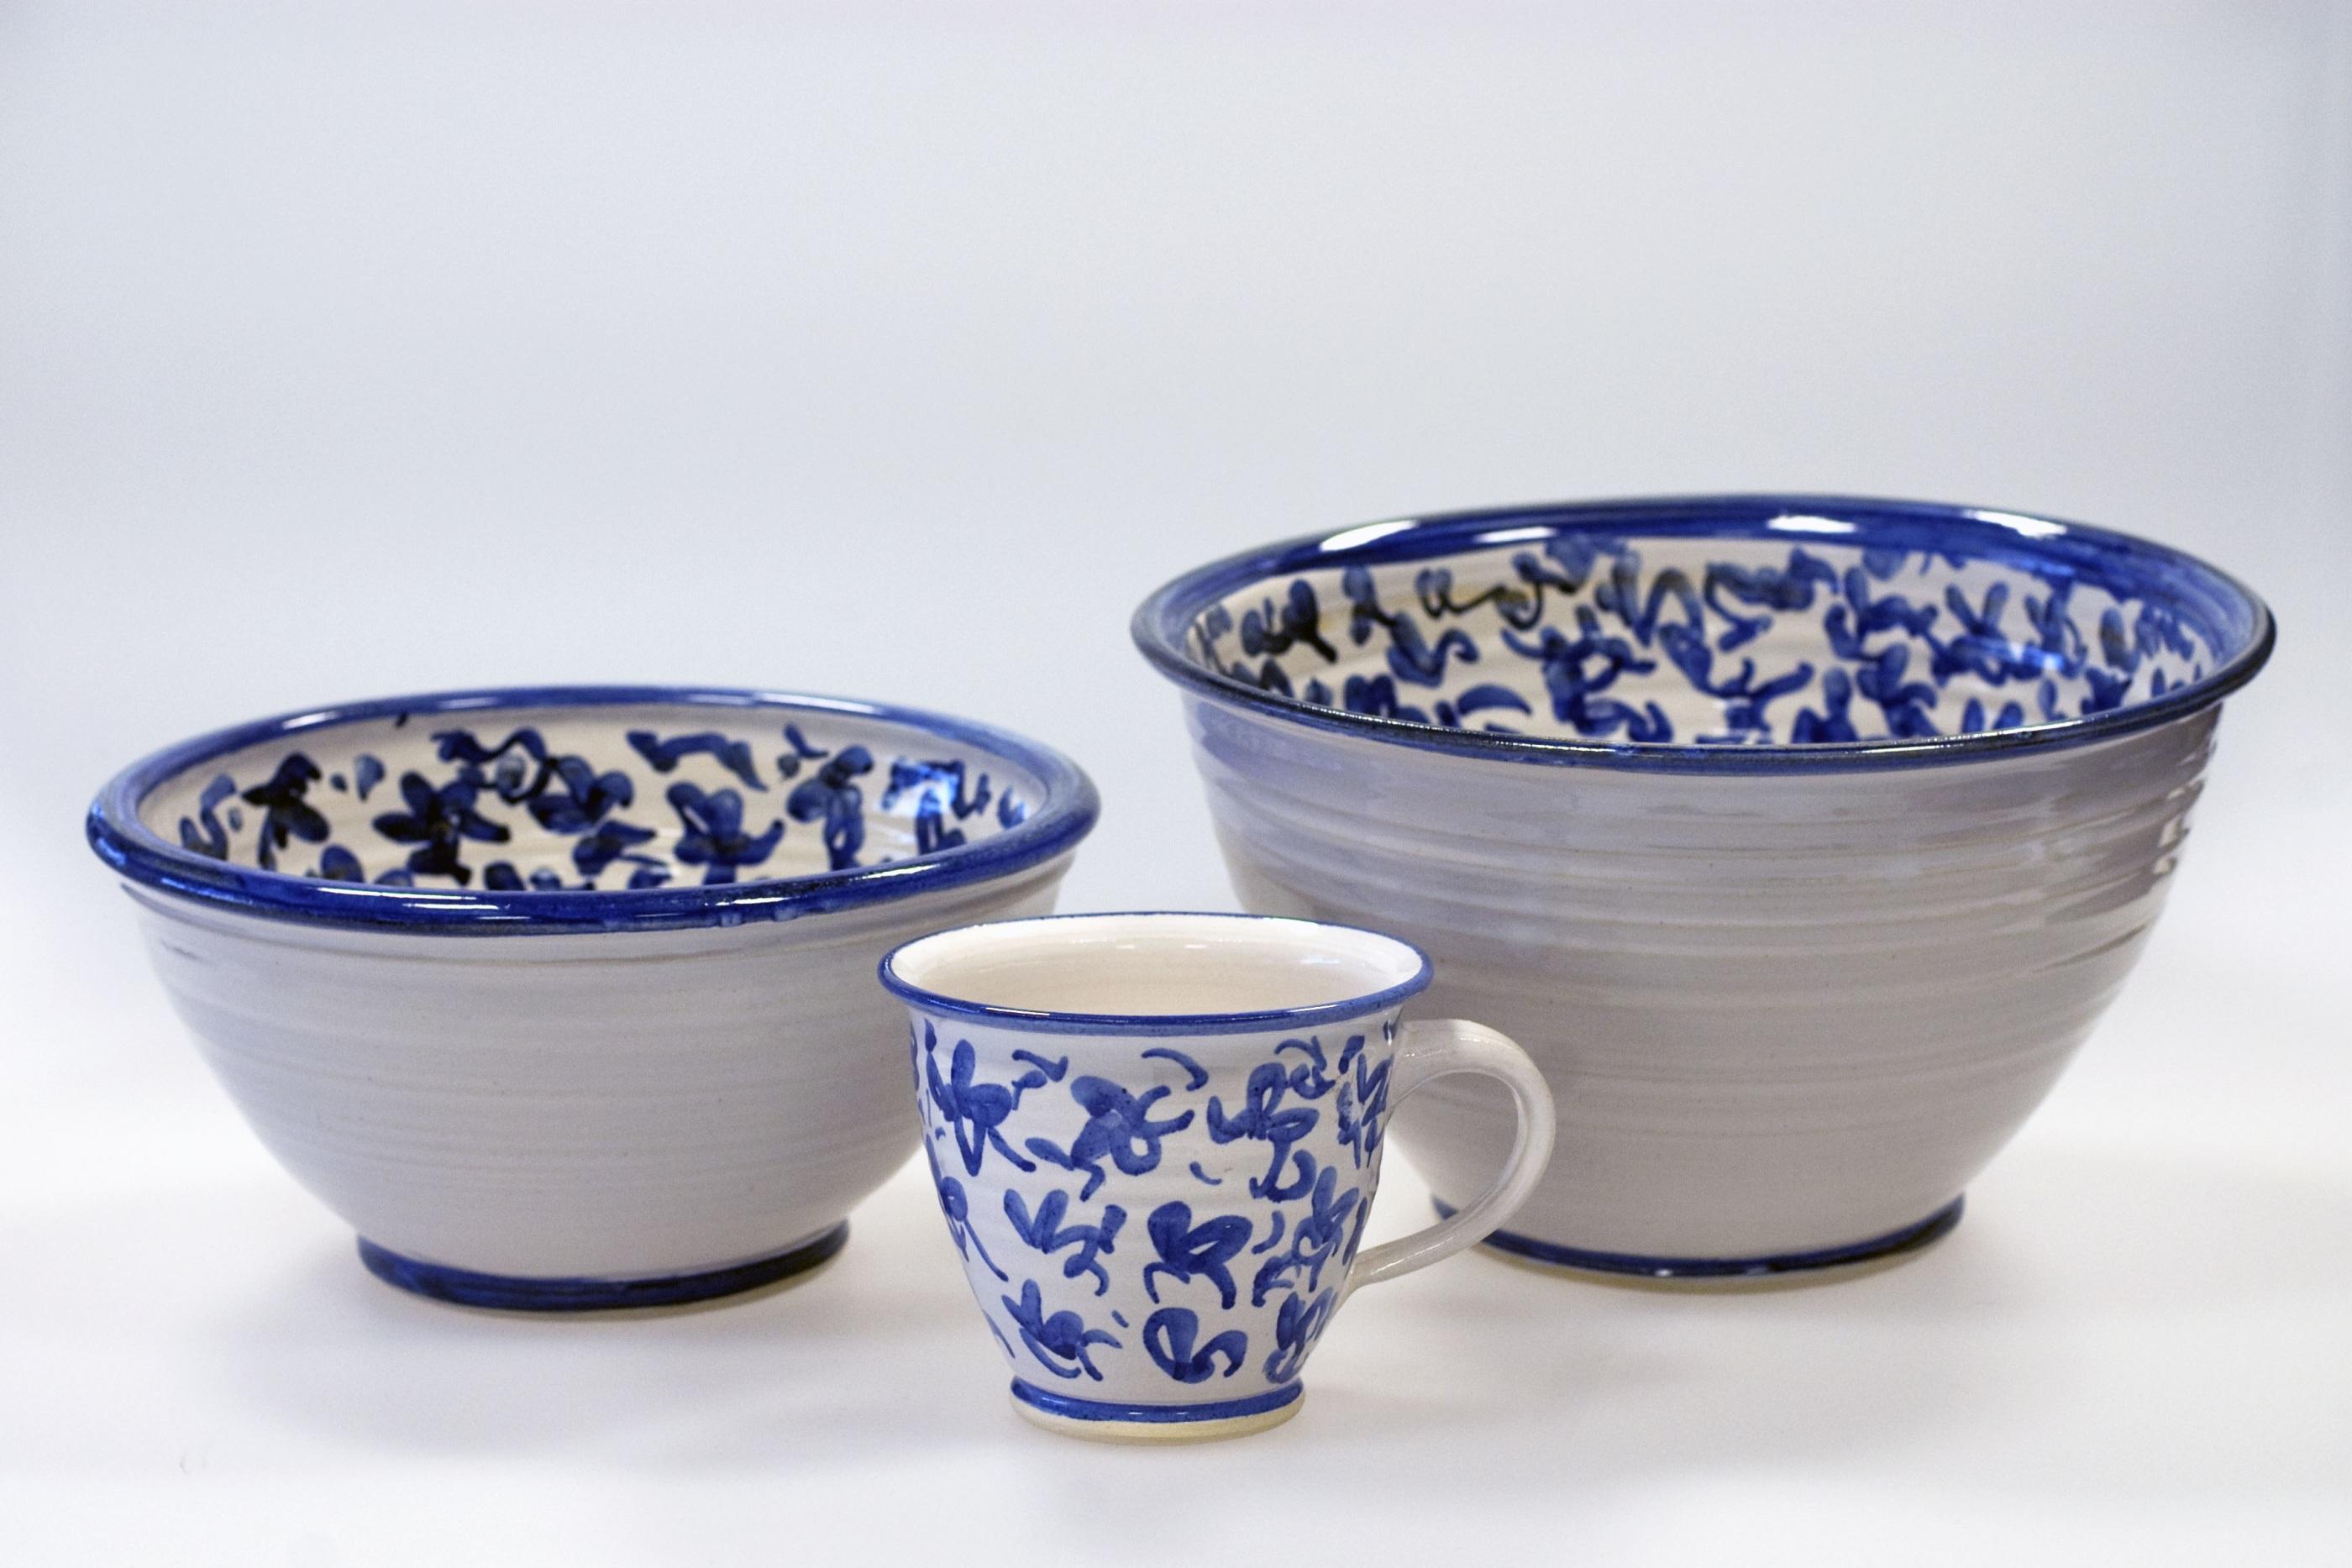 Virrvarr skål och kopp